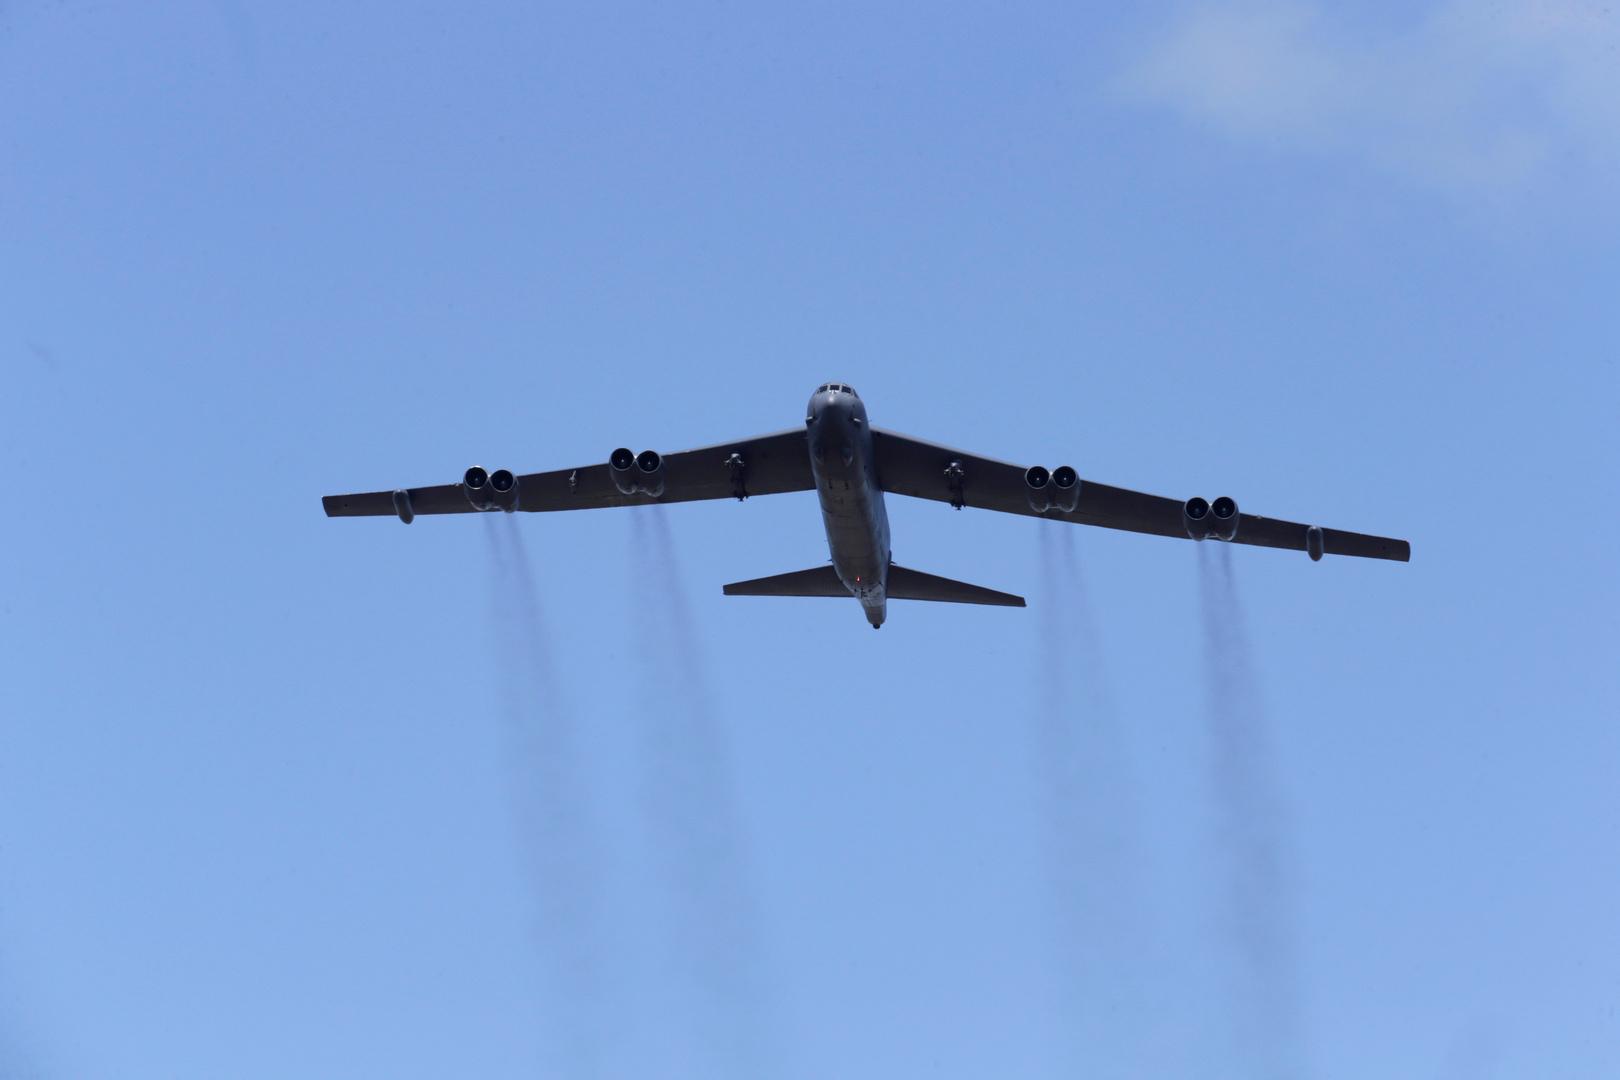 مينسك تقول إن الناتو يتدرب على ضربات ضد روسيا وبيلاروس